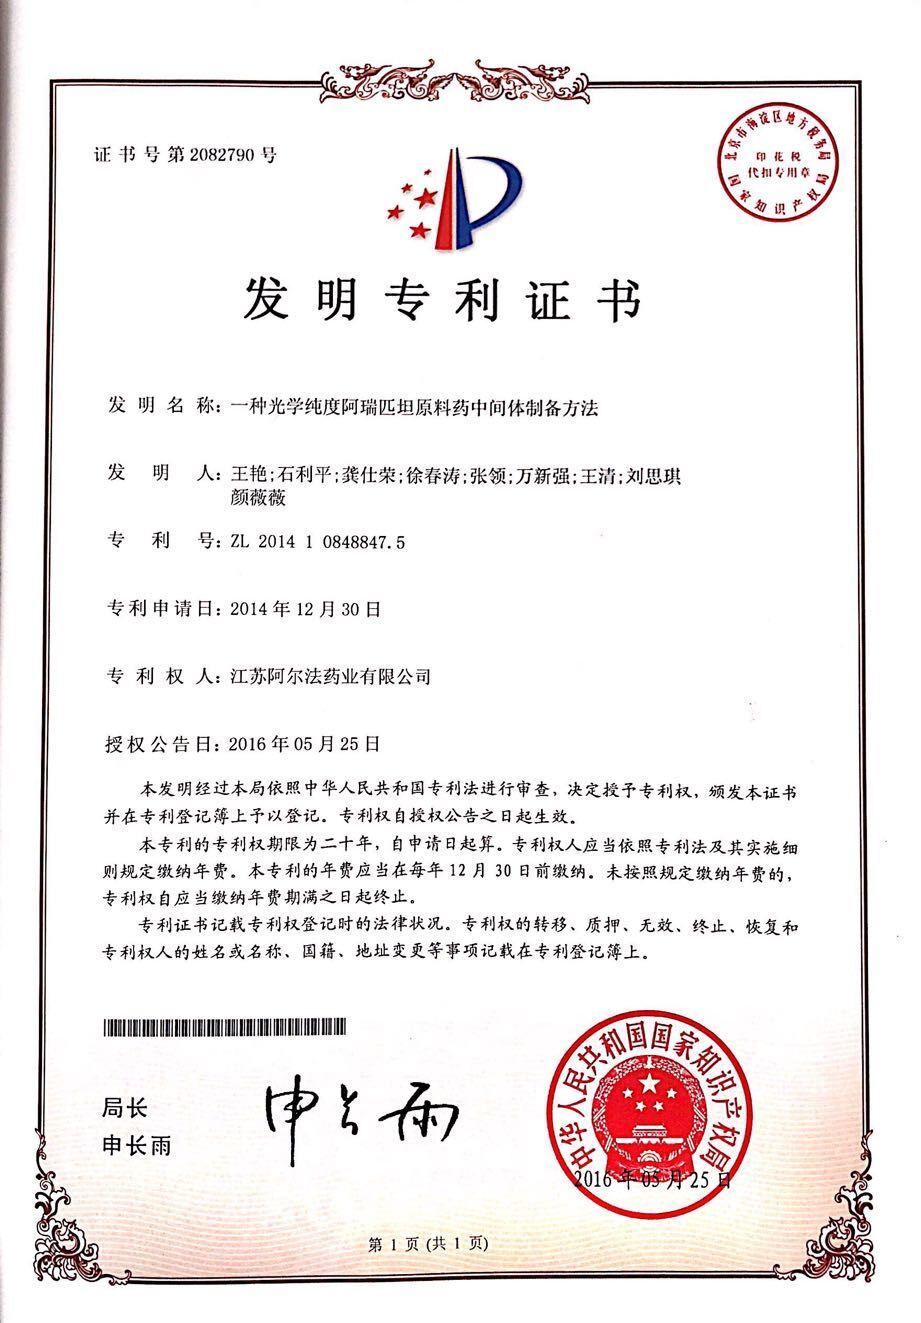 榮譽-專利-15.一種光學純度阿瑞匹坦原料藥中間體制備方法